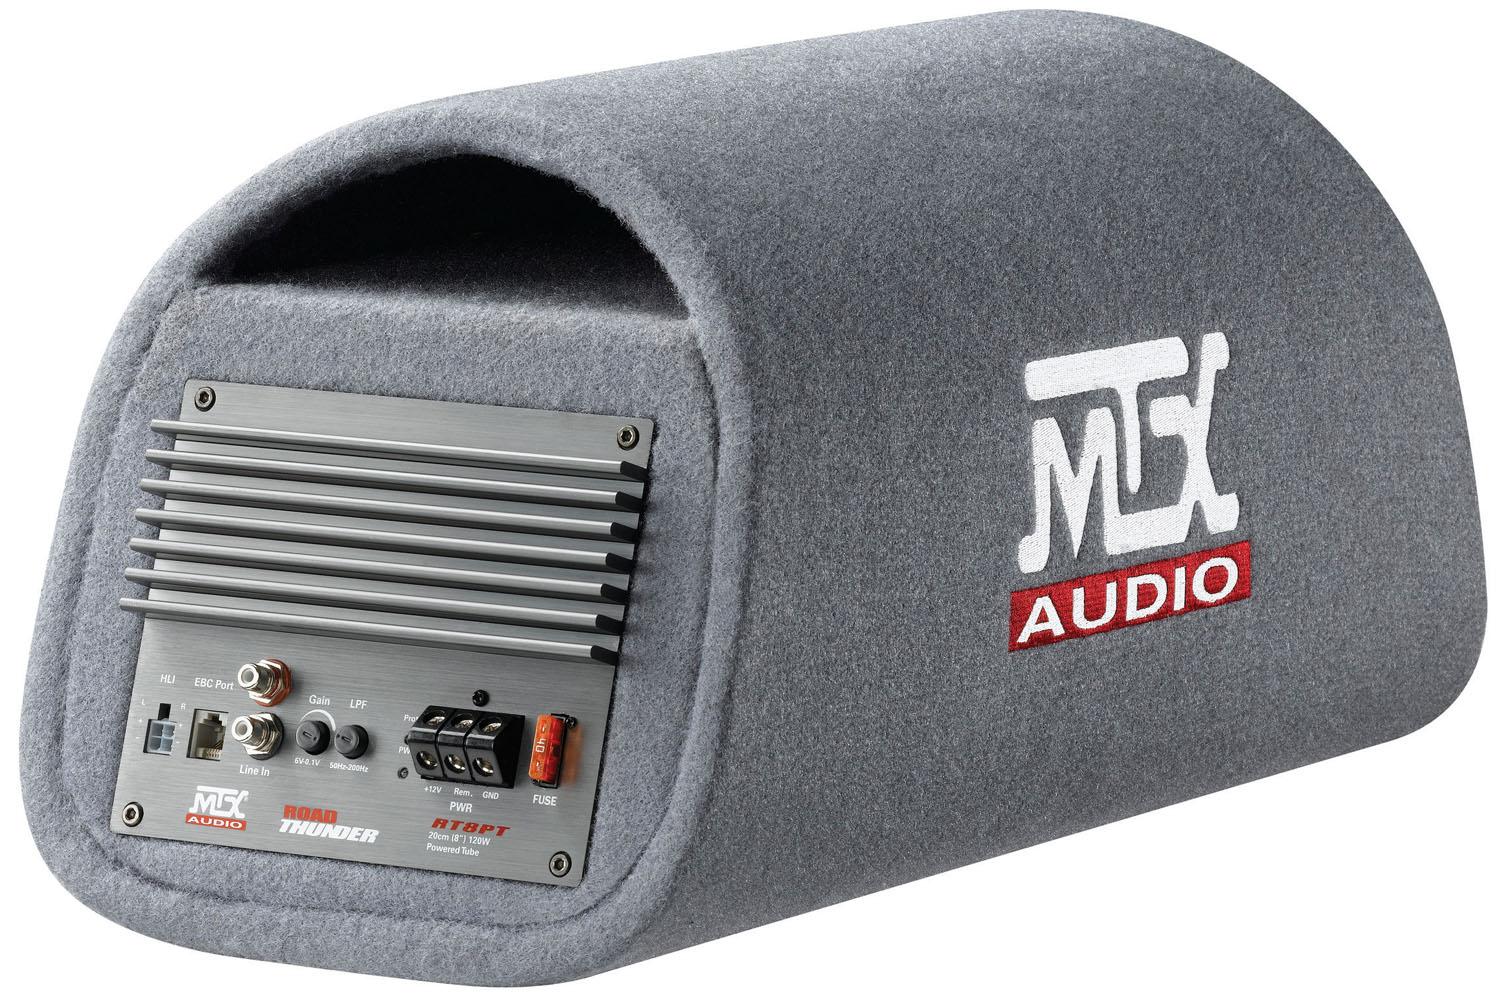 Rt8pt Amplified 8 Quot Subwoofer Enclosure Mtx Audio